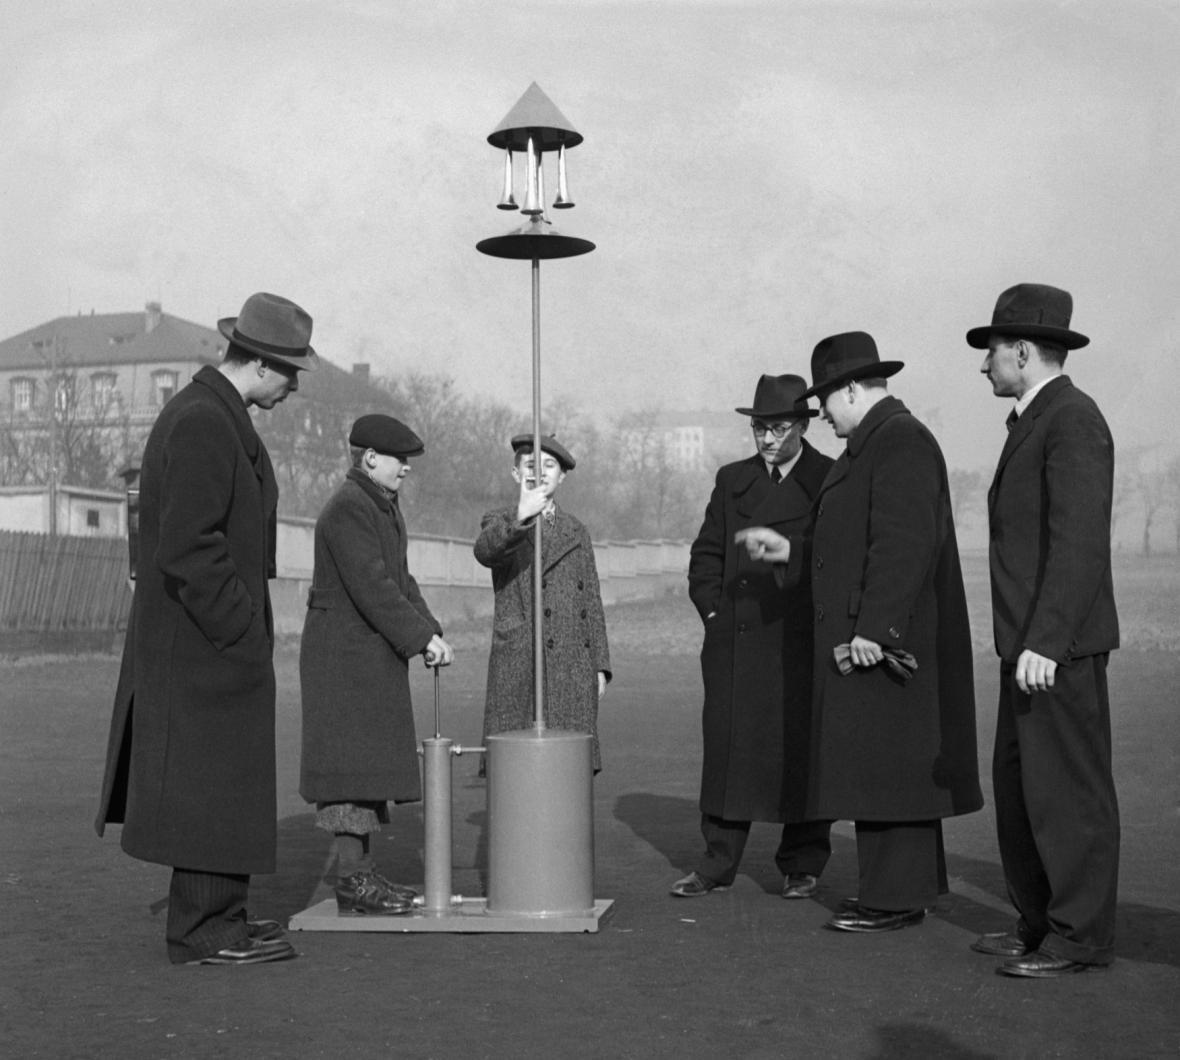 Ruční poplachová siréna (1938 v Československu) - vynález parašutisty Reslera